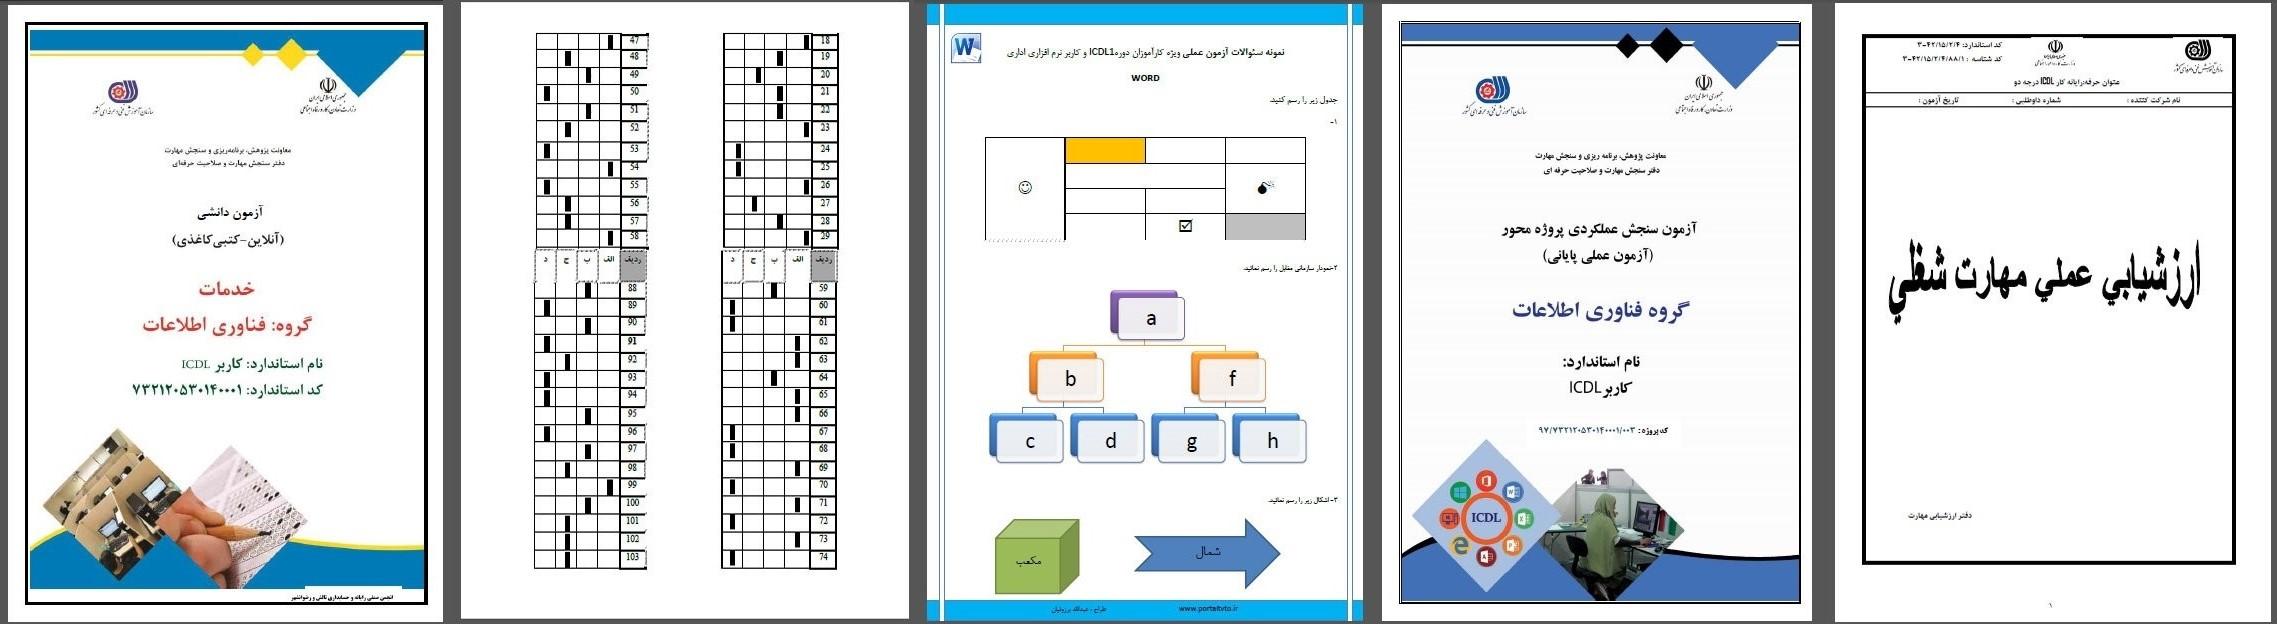 پکیج نمونه سوالات کاربر ICDL درجه 1و2 + پاسخ ویژه آزمون های فنی و حرفه ای 1399